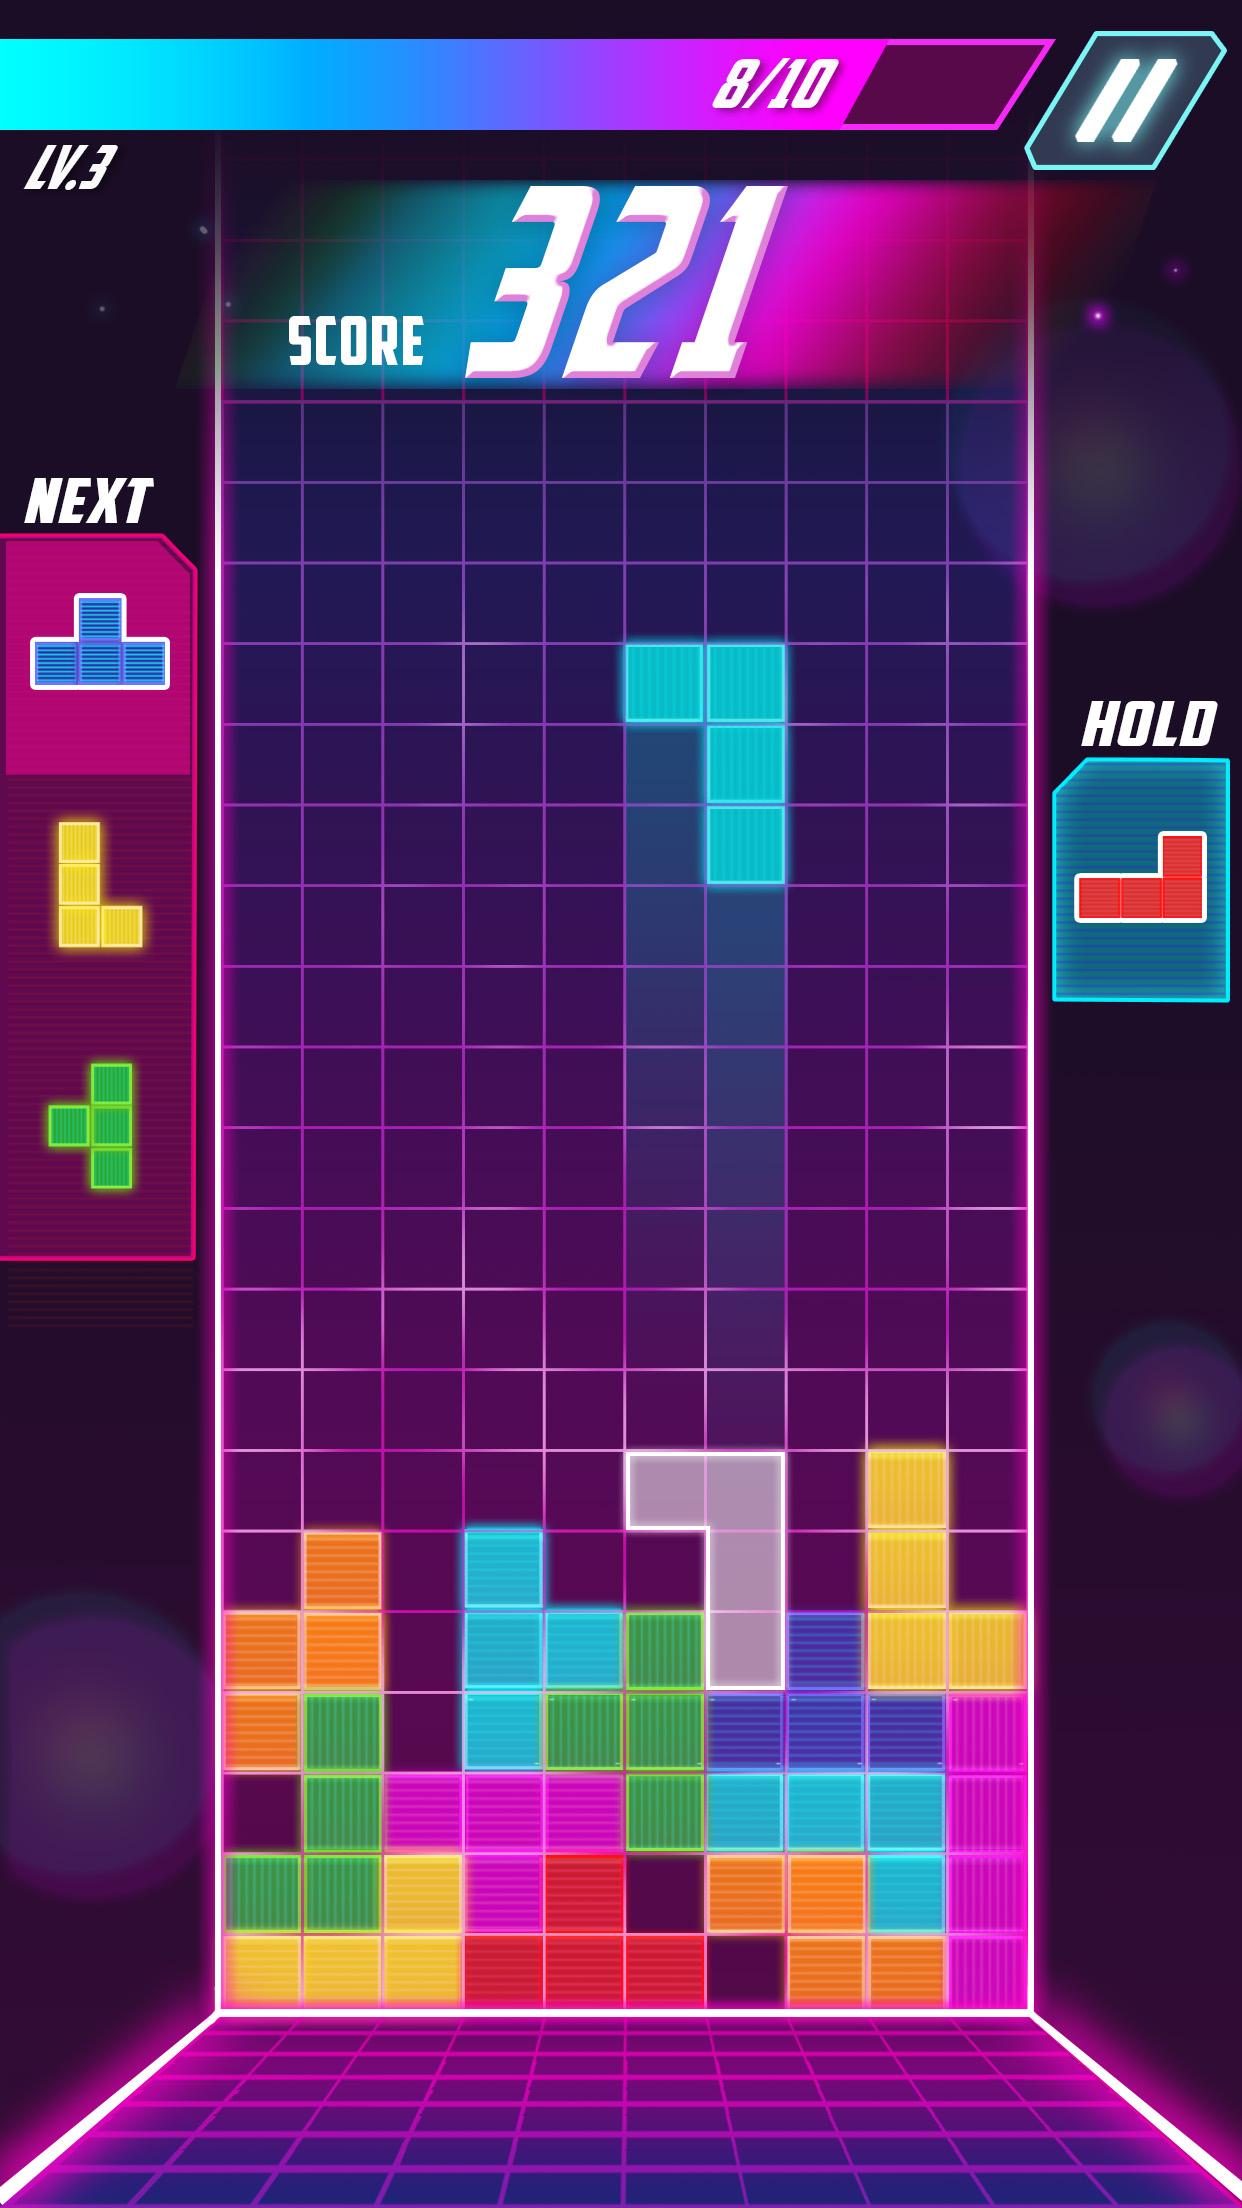 Tetris UI Redesign